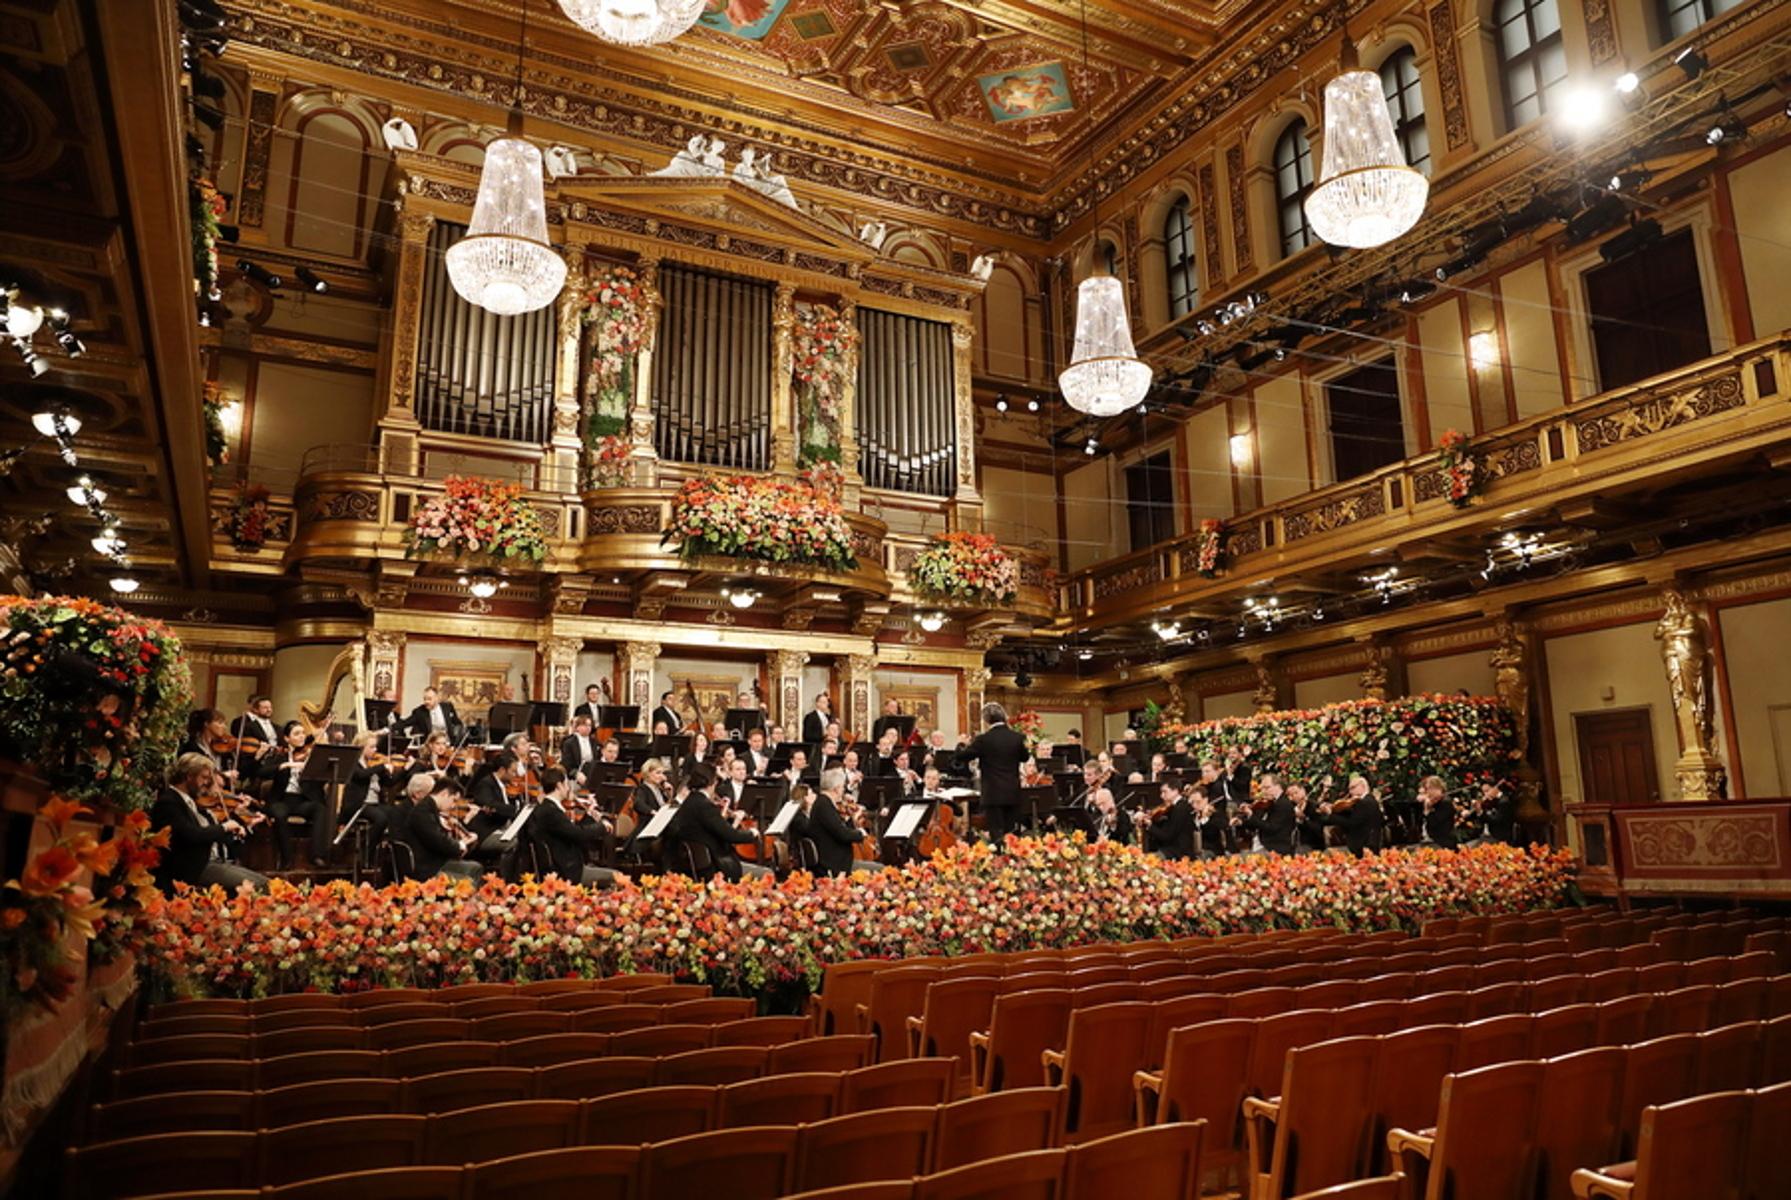 Ο Ντάνιελ Μπάρενμποϊμ θα διευθύνει την πρωτοχρονιάτικη συναυλία της Φιλαρμονικής της Βιέννης το 2022